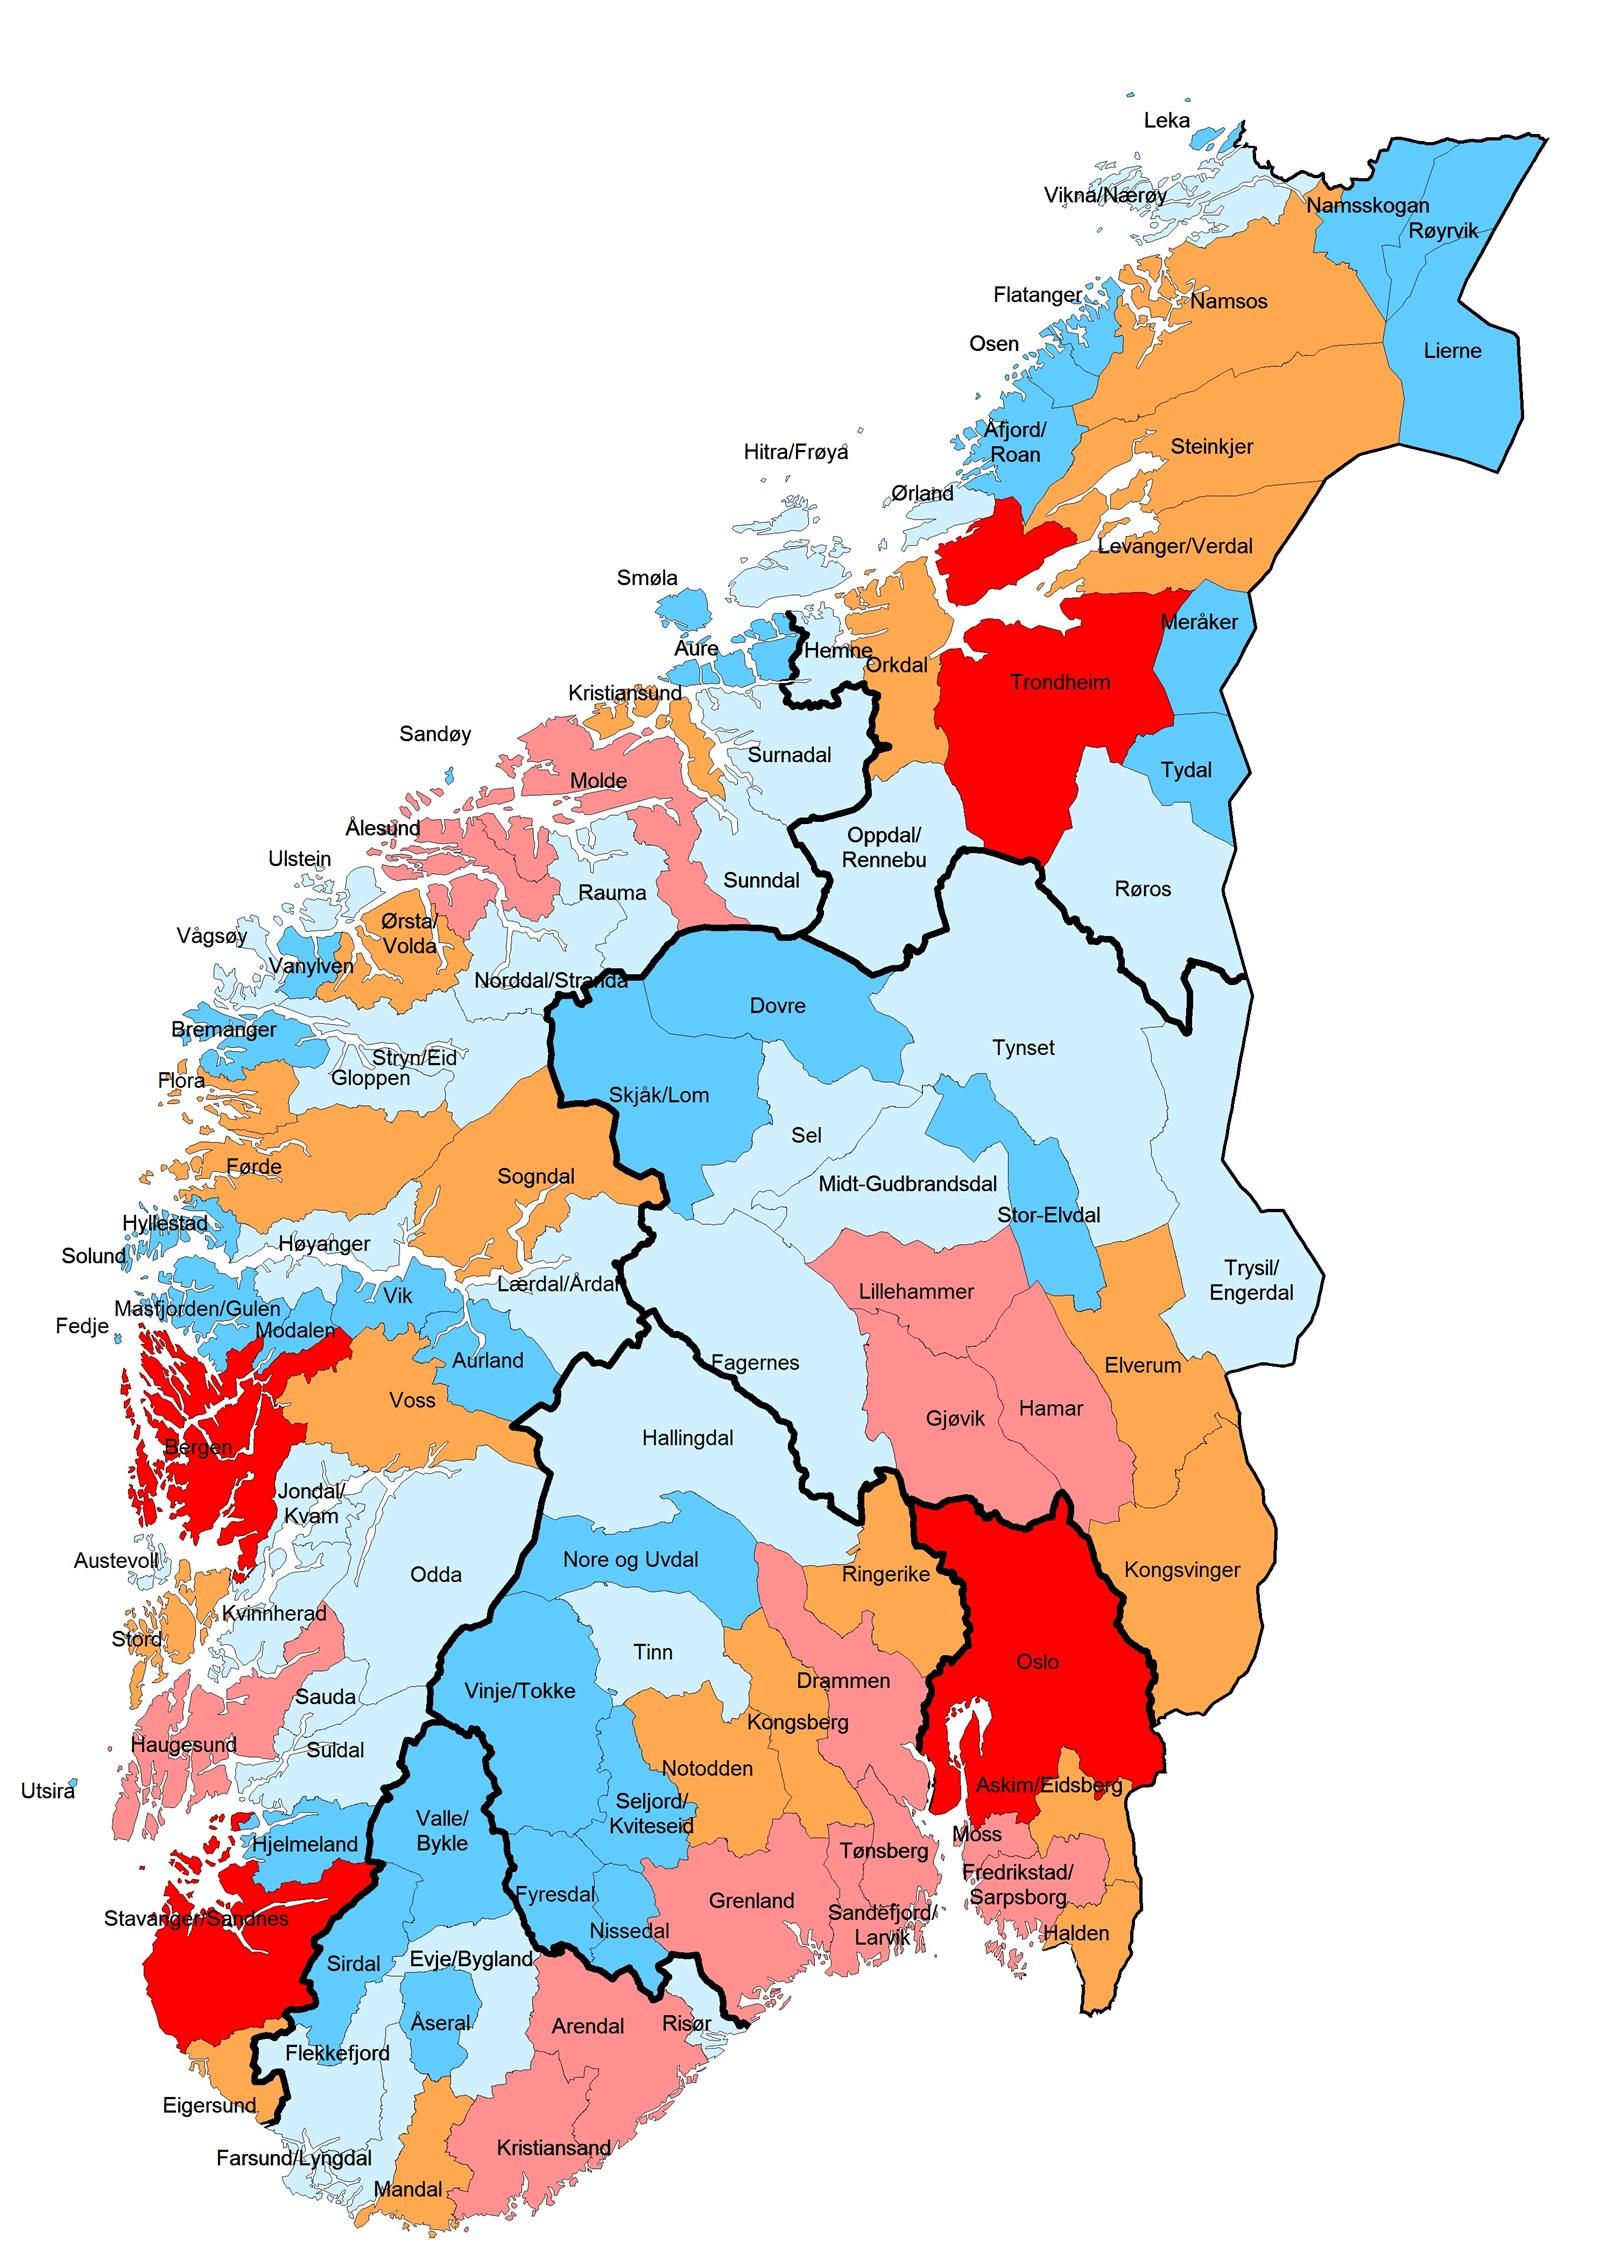 kart over norge jpg Regionale utviklingstrekk 2014   regjeringen.no kart over norge jpg